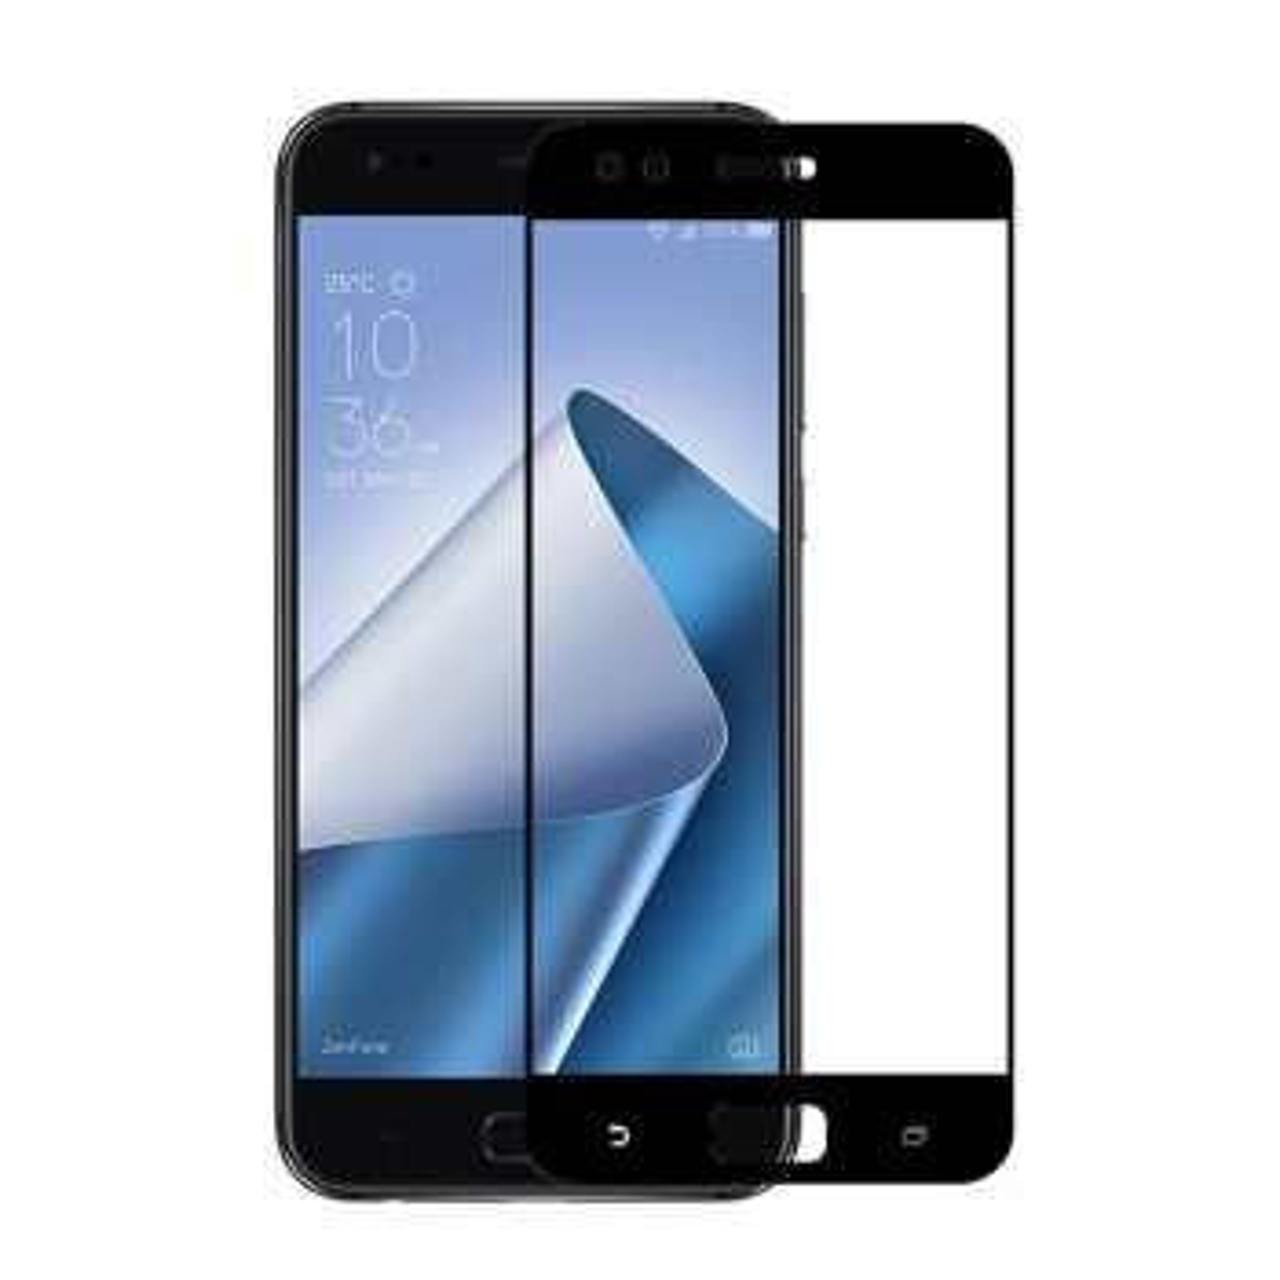 محافظ صفحه نمایش شیشه ای تمپرد مدل Full Cover مناسب برای گوشی موبایل ایسوس Zenfone 4  ZE554KL